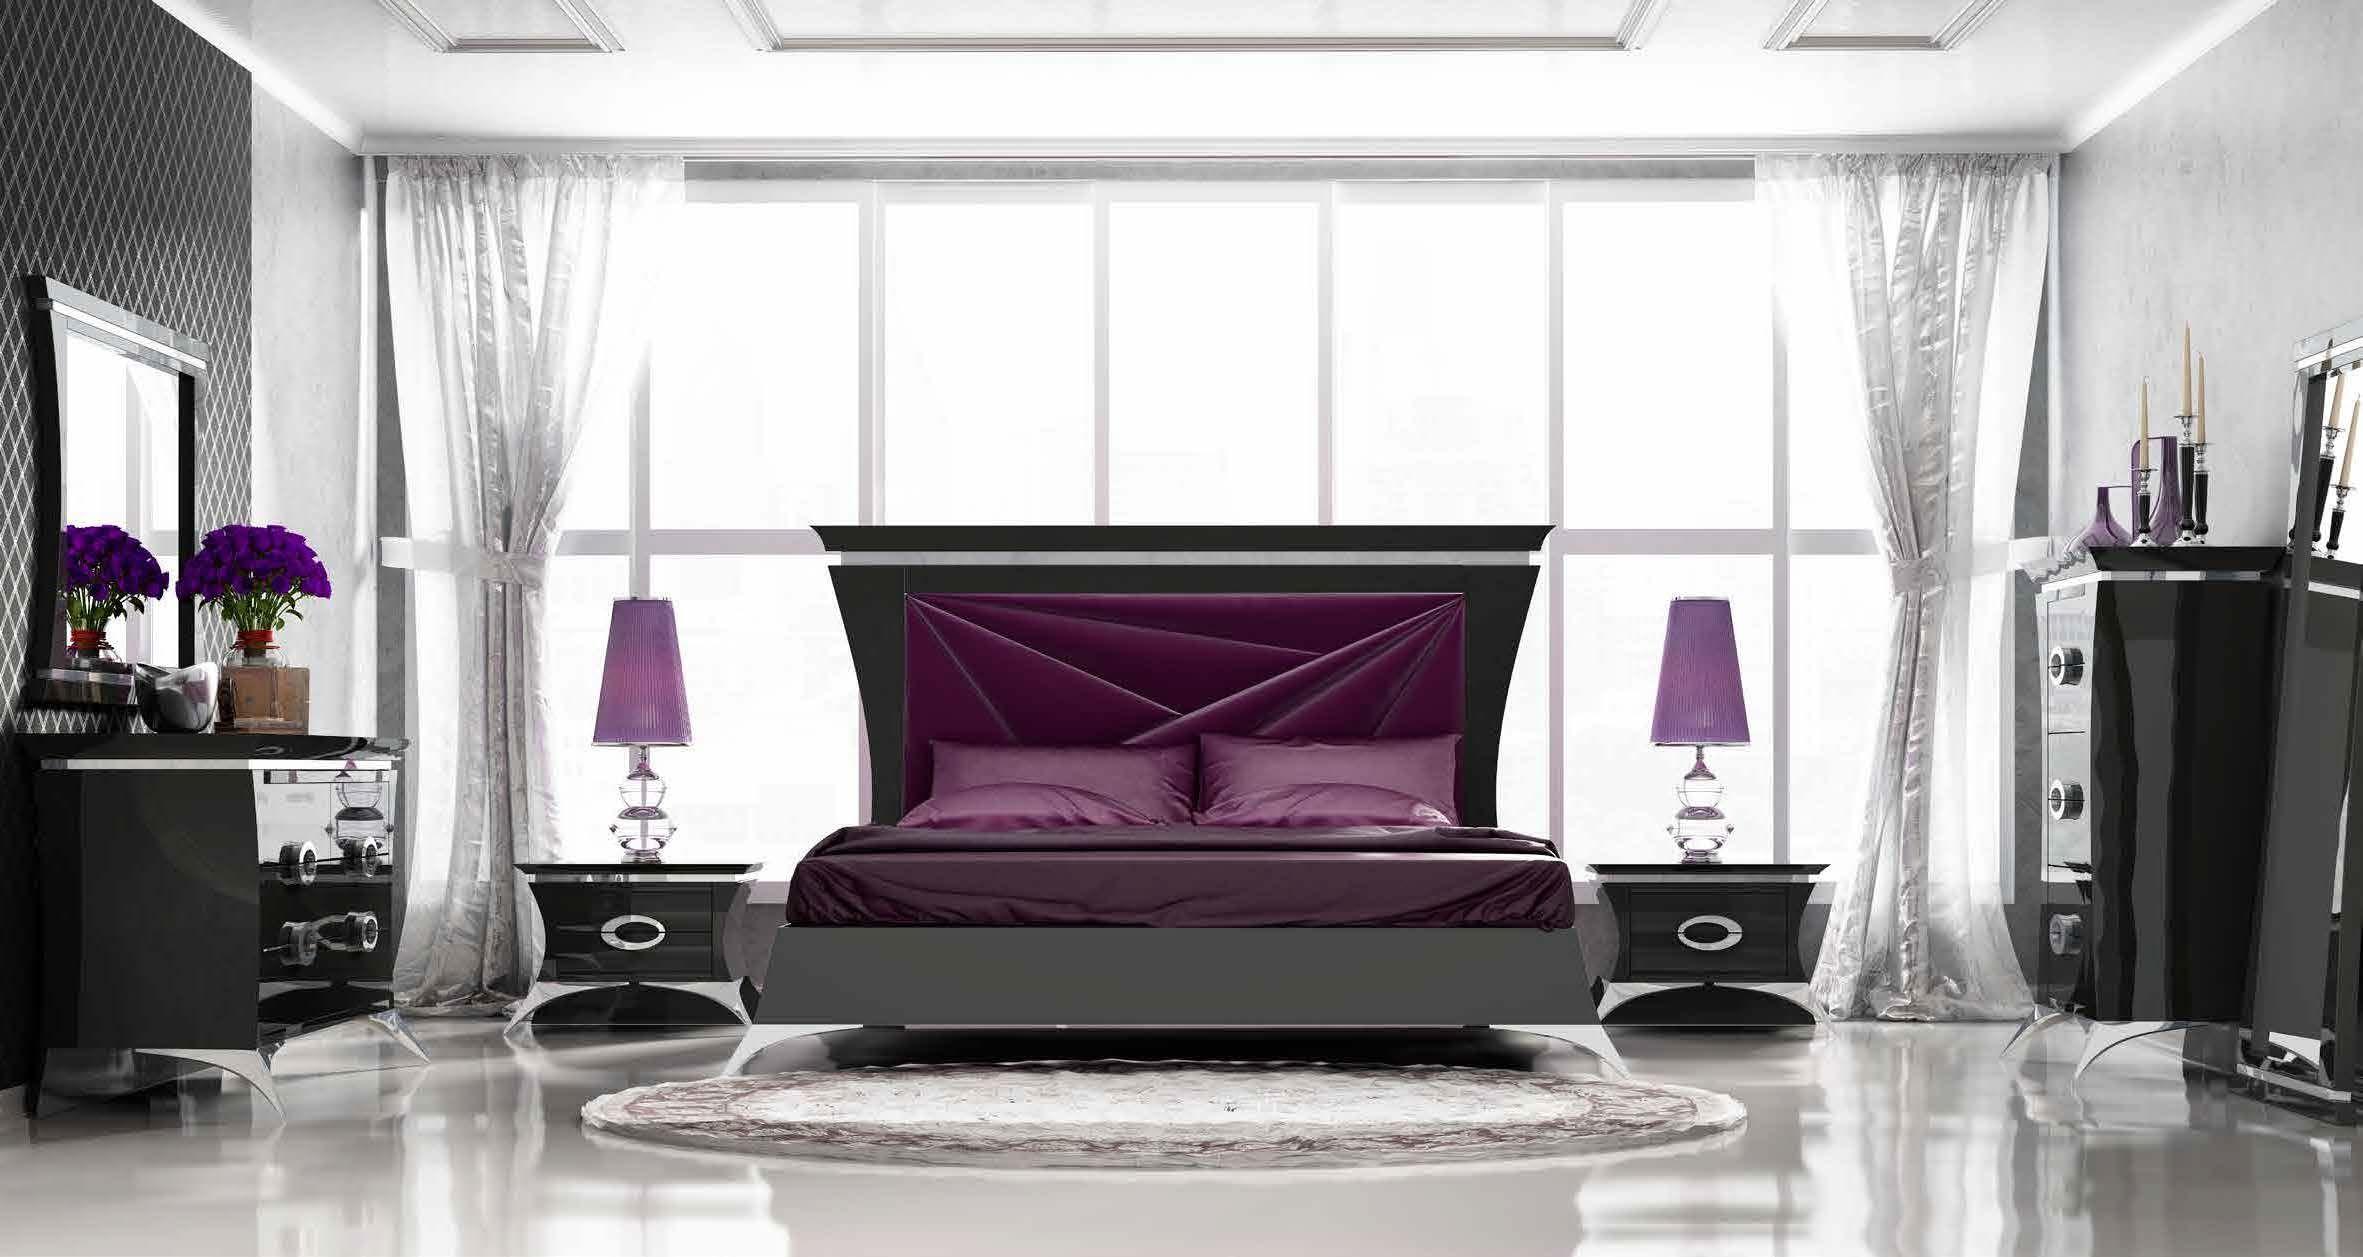 Dormitorio de estilo cl sico contemporaneo de dise o del for Muebles de dormitorio contemporaneo